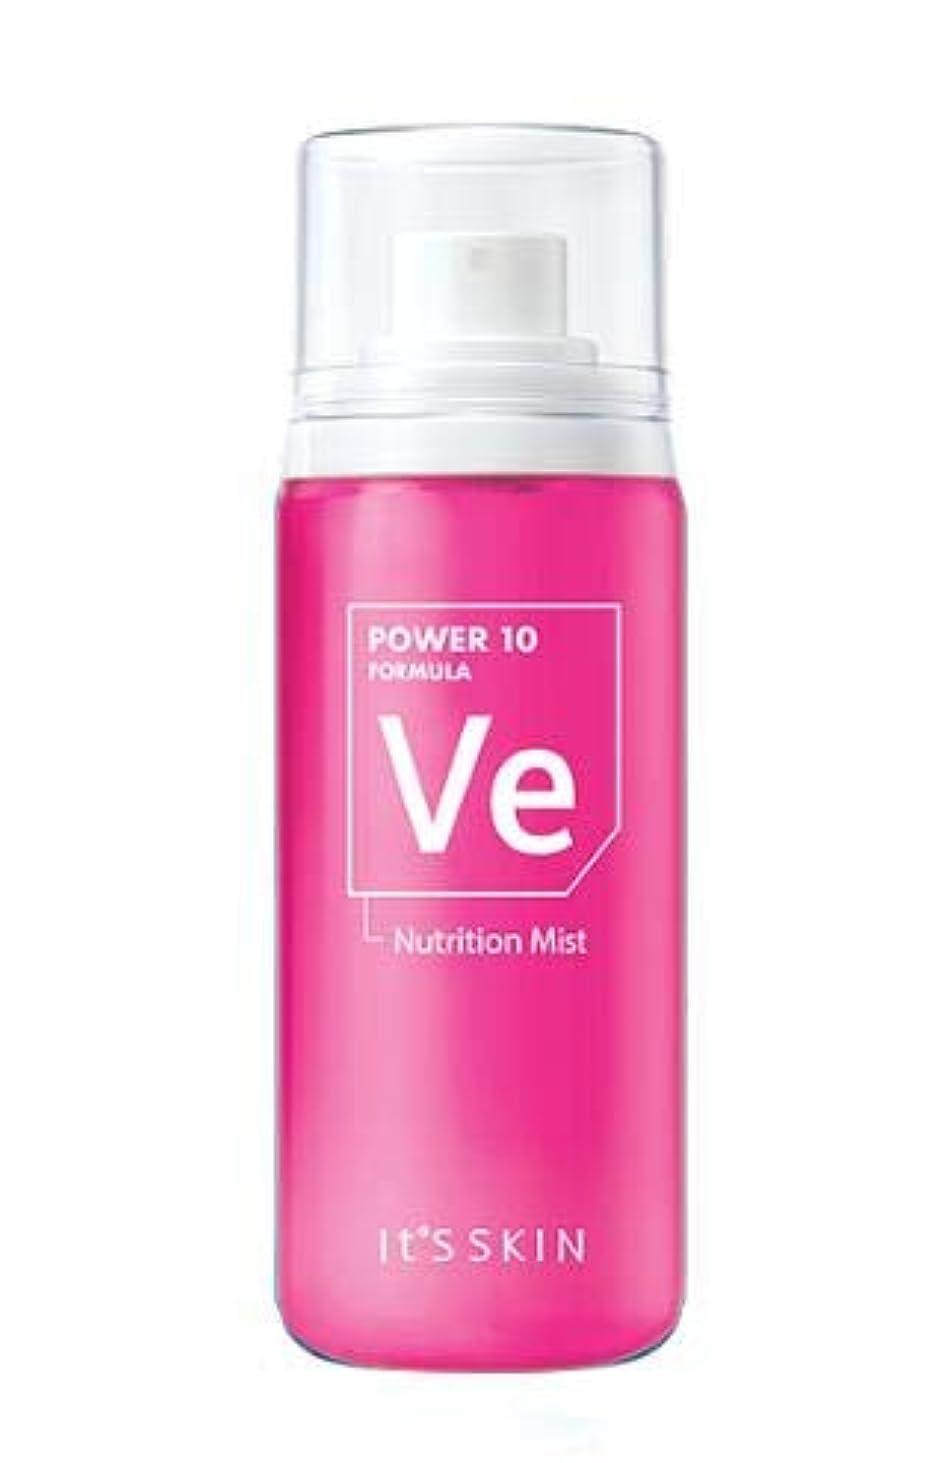 びっくりスワップハイキングIts skin Power 10 Formula Mist Ve (Nutrition) イッツスキン パワー 10 フォーミュラ ミスト Ve [並行輸入品]